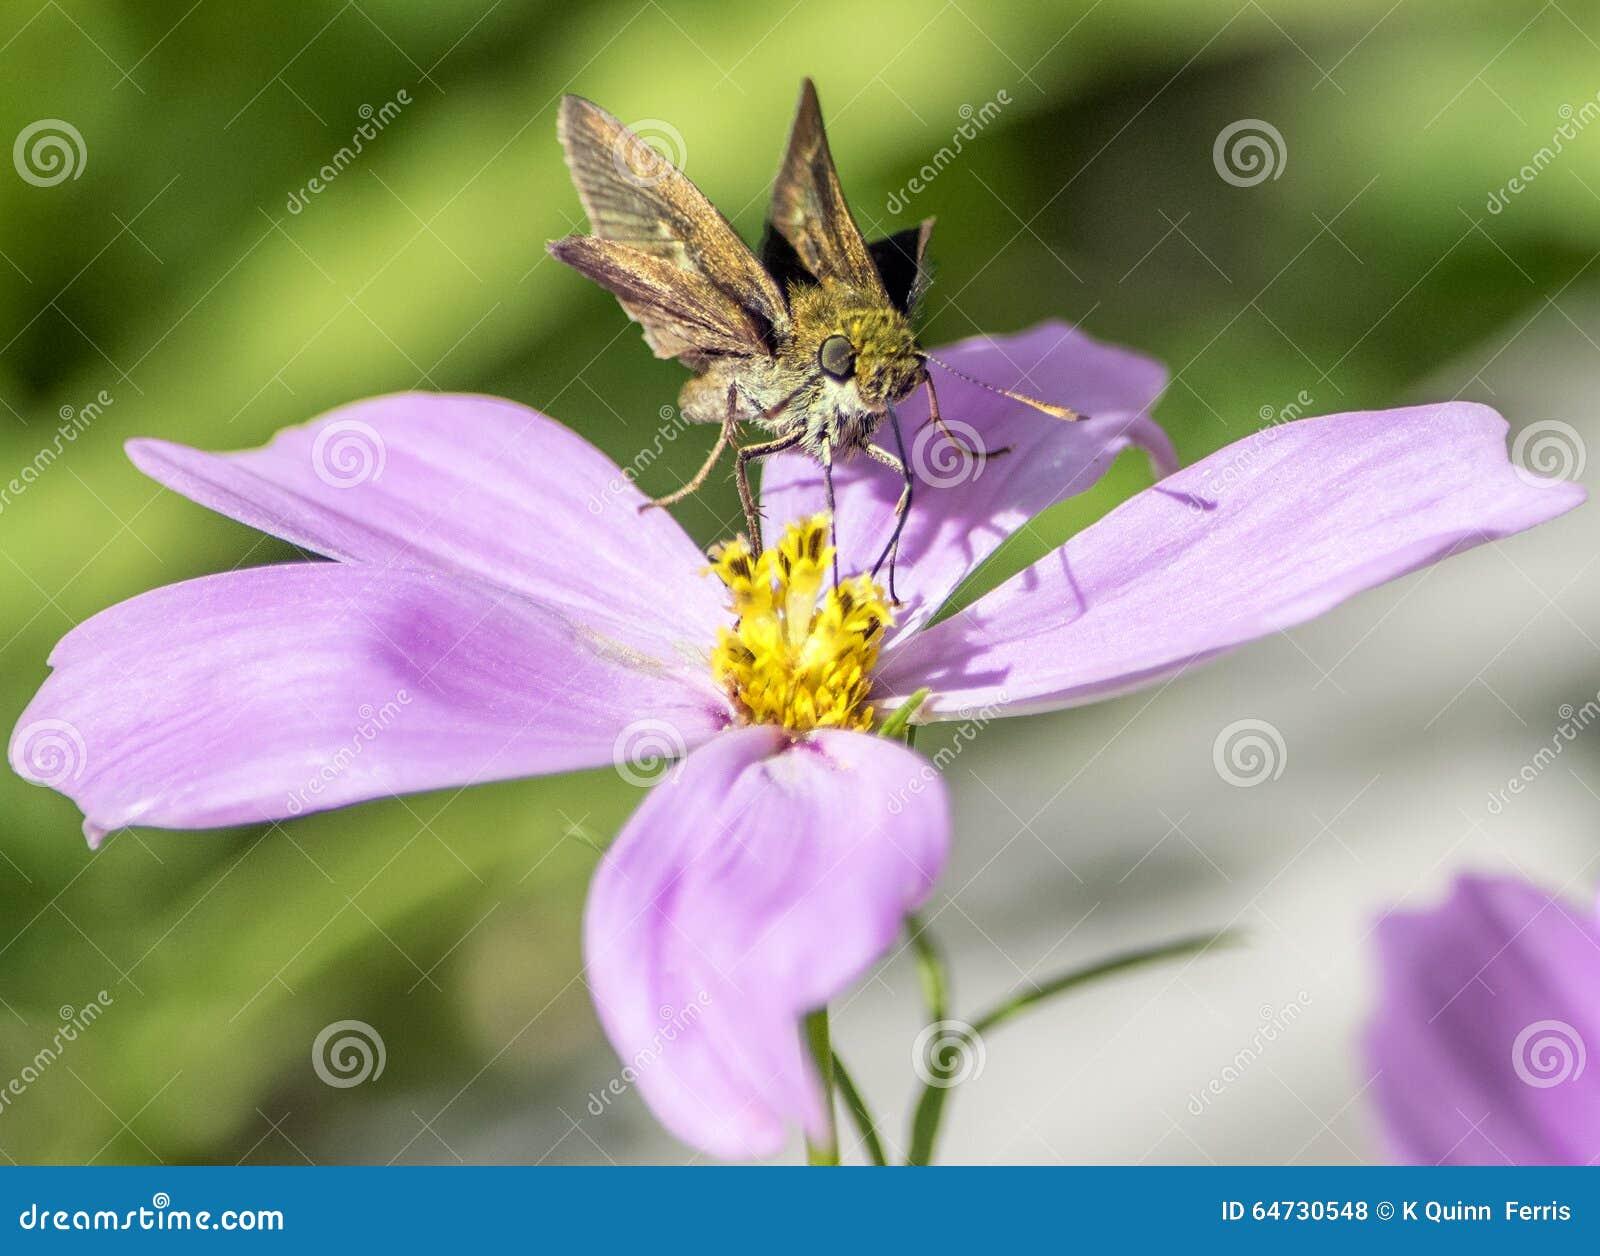 Il lepidottero gradisce la farfalla sul fiore porpora